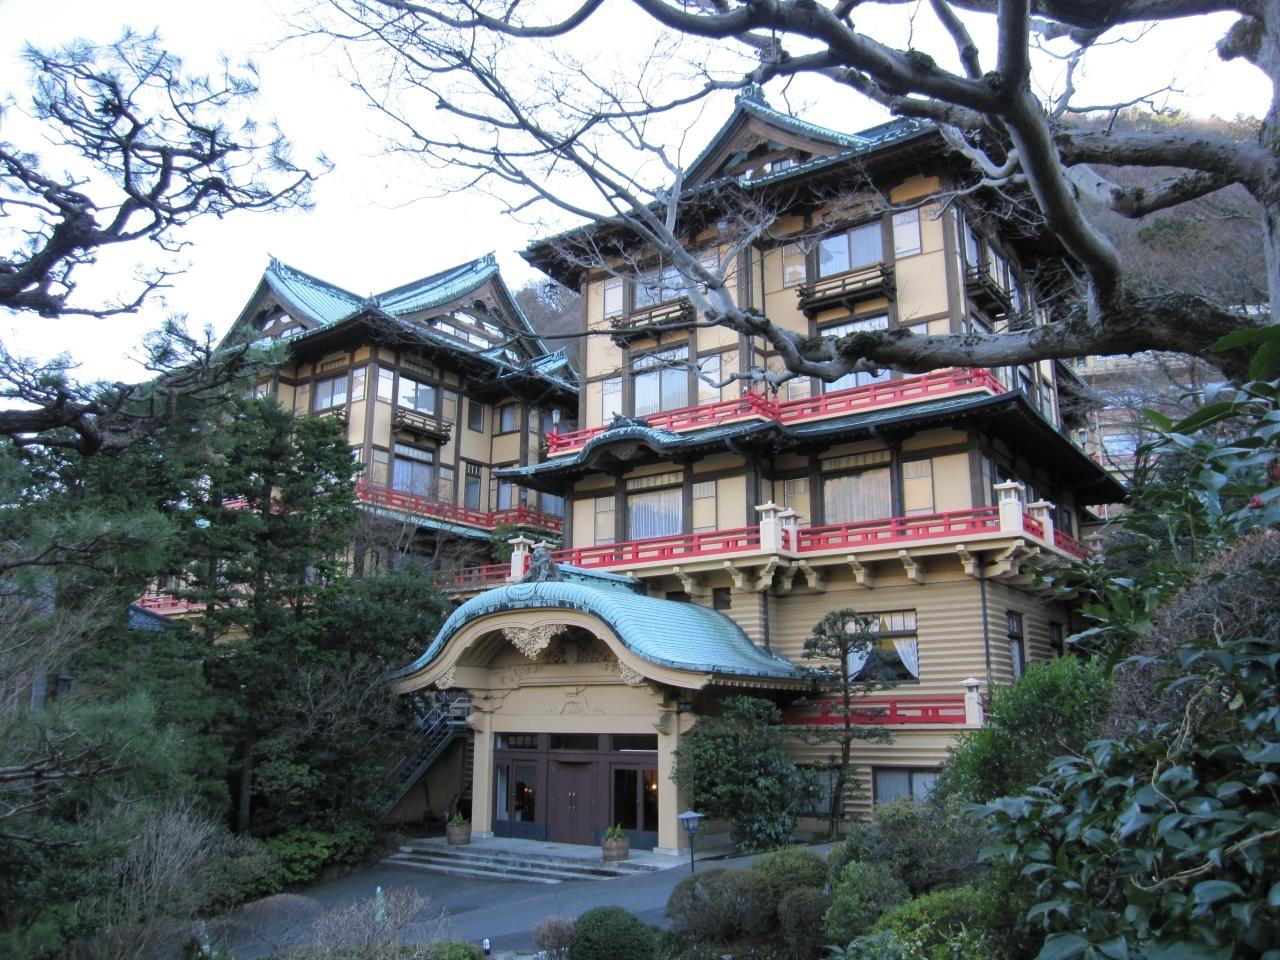 【神奈川県】富士屋ホテル